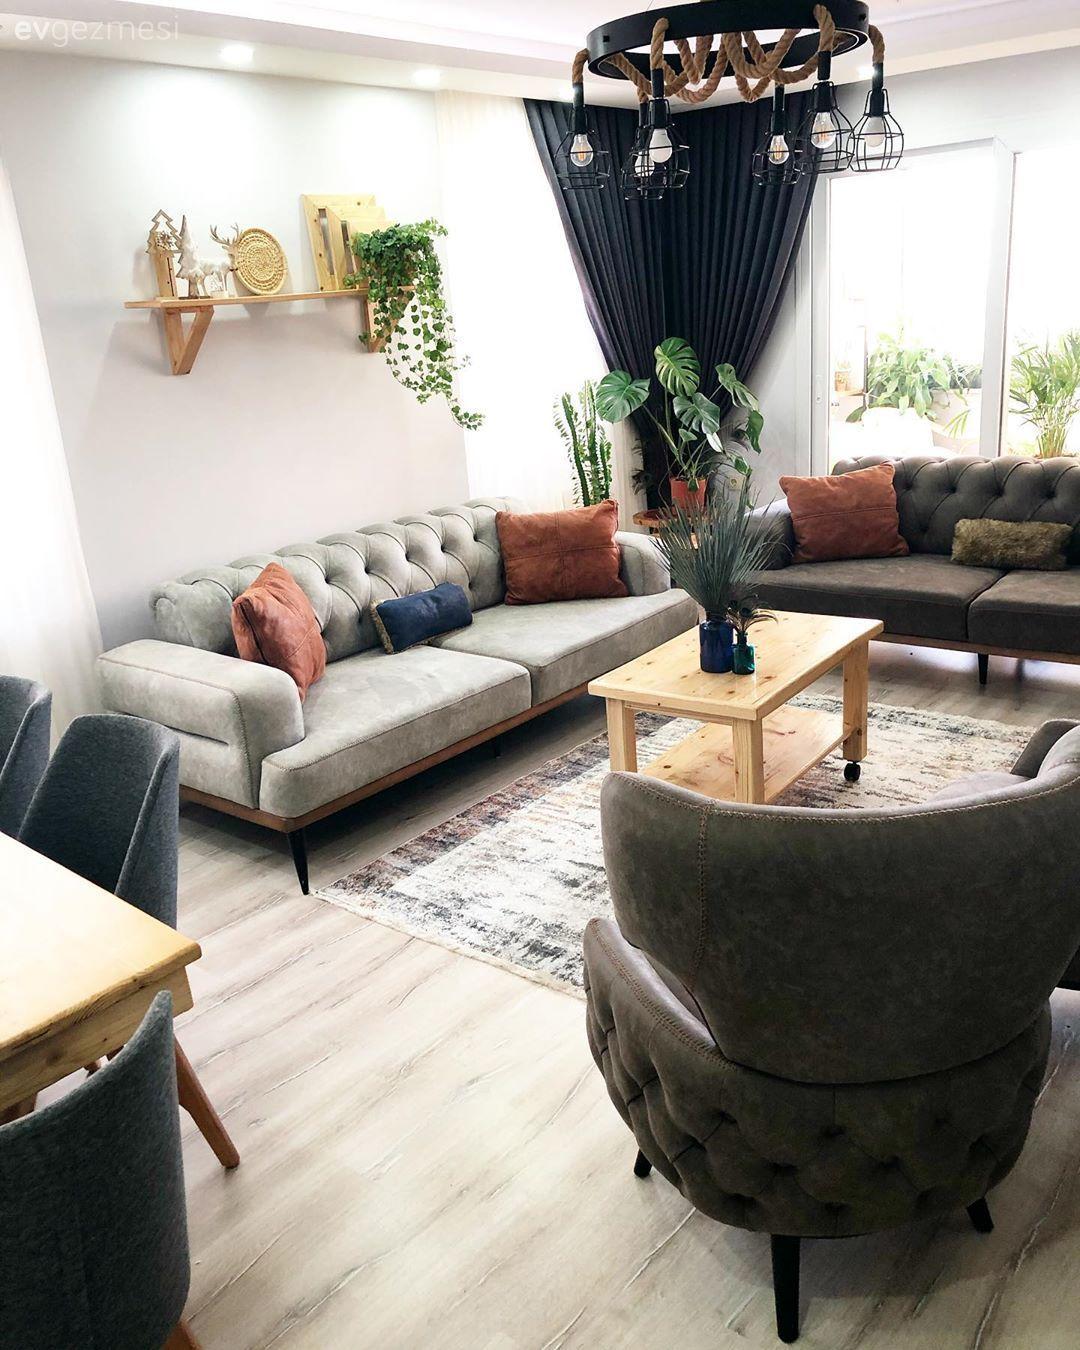 Ev Gezmesi: Modern ve Rustik Detayların Sıcacık Buluşması | Ev Gezmesi